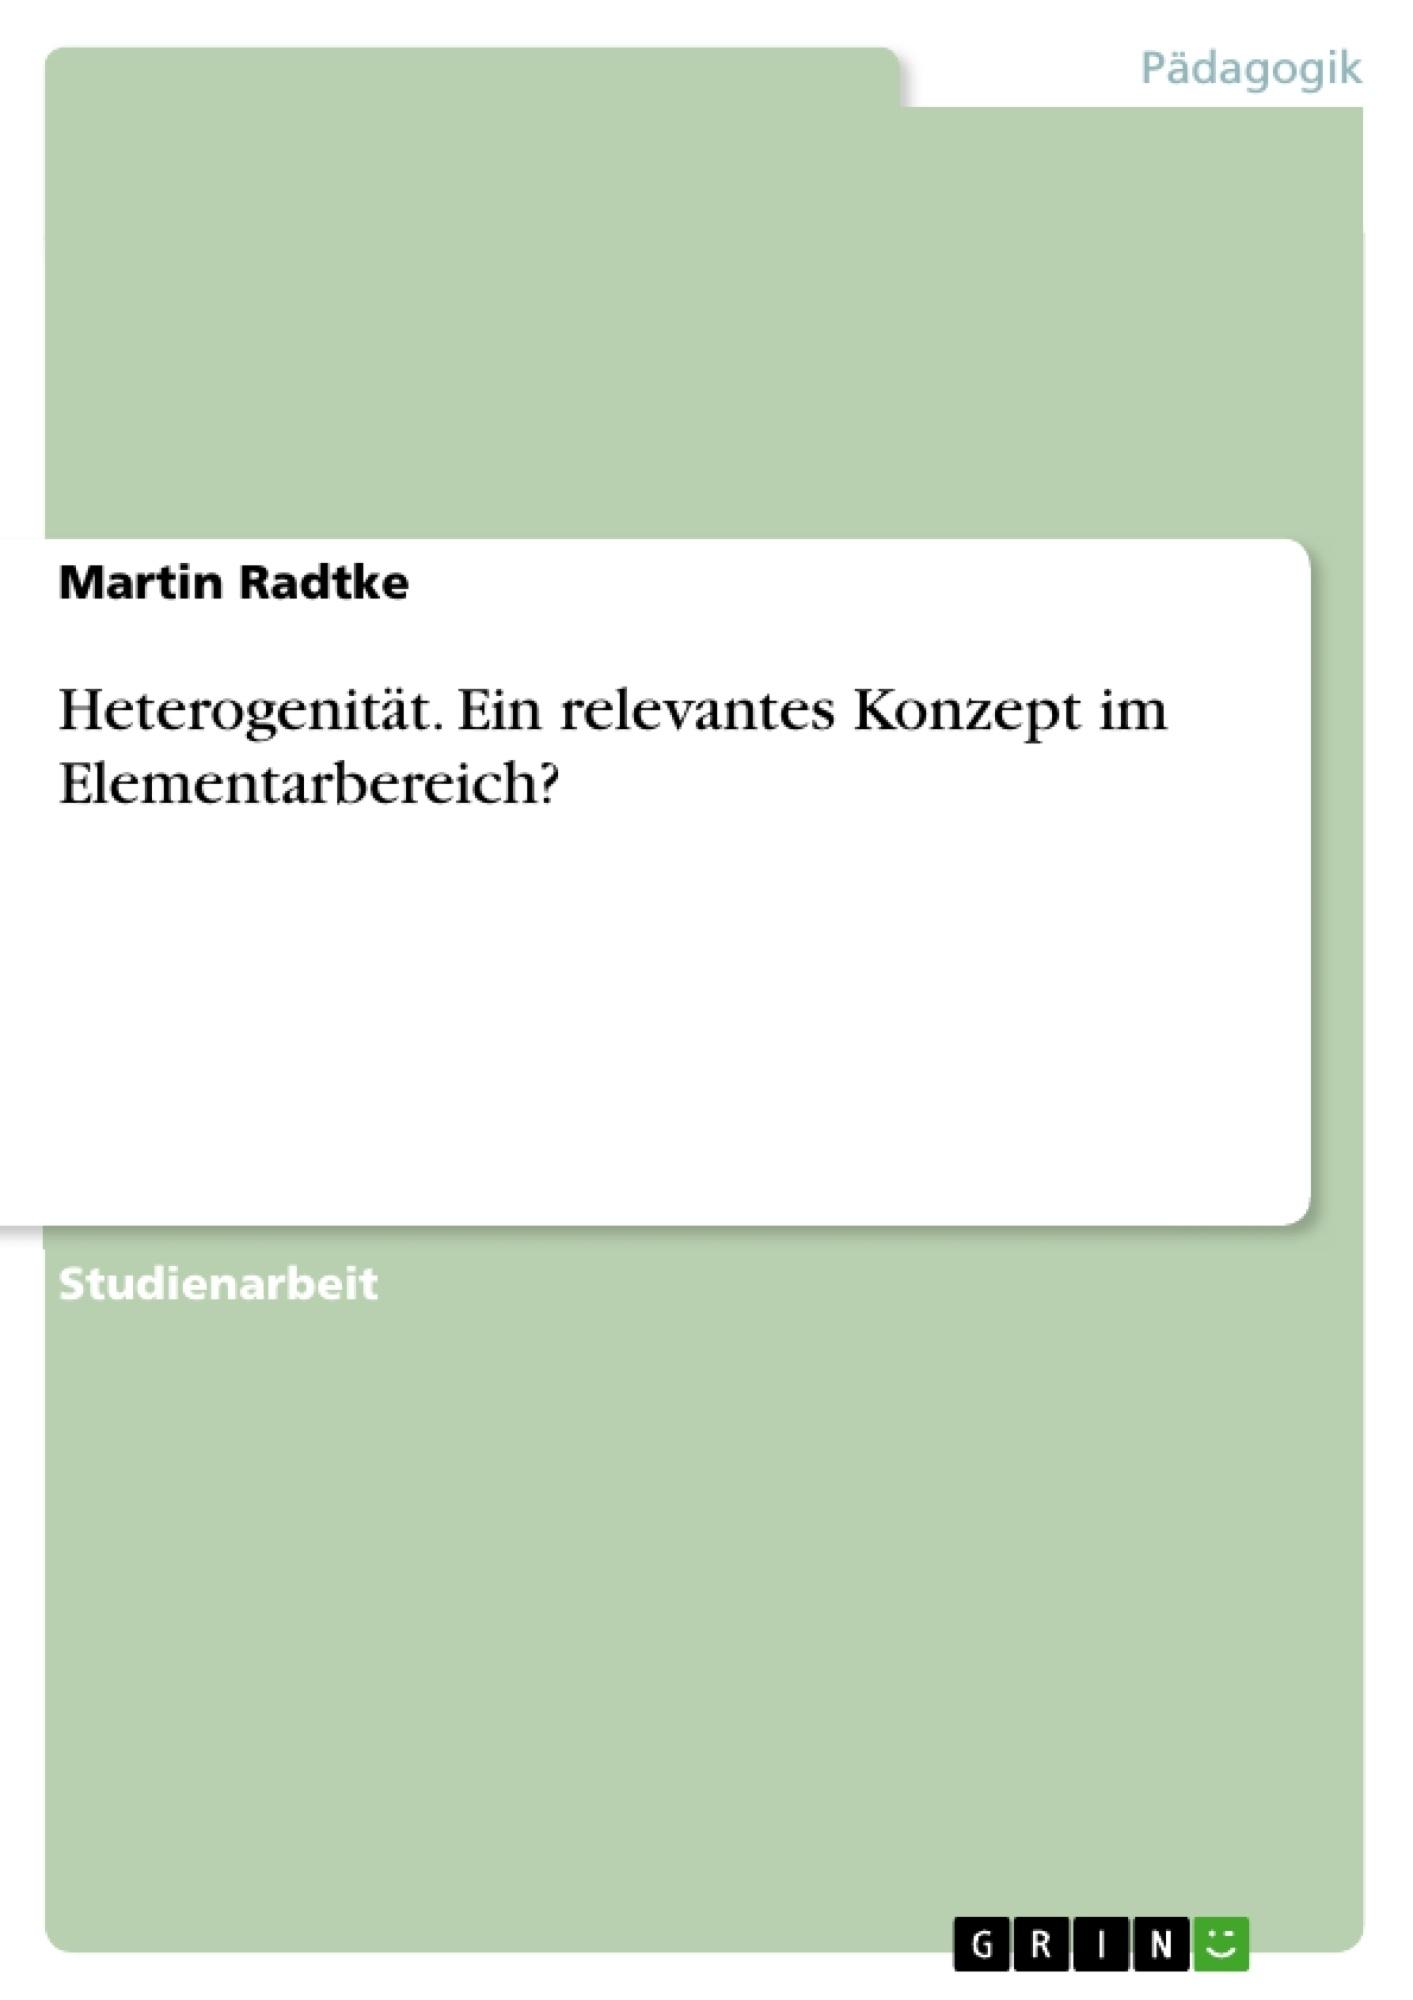 Titel: Heterogenität. Ein relevantes Konzept im Elementarbereich?